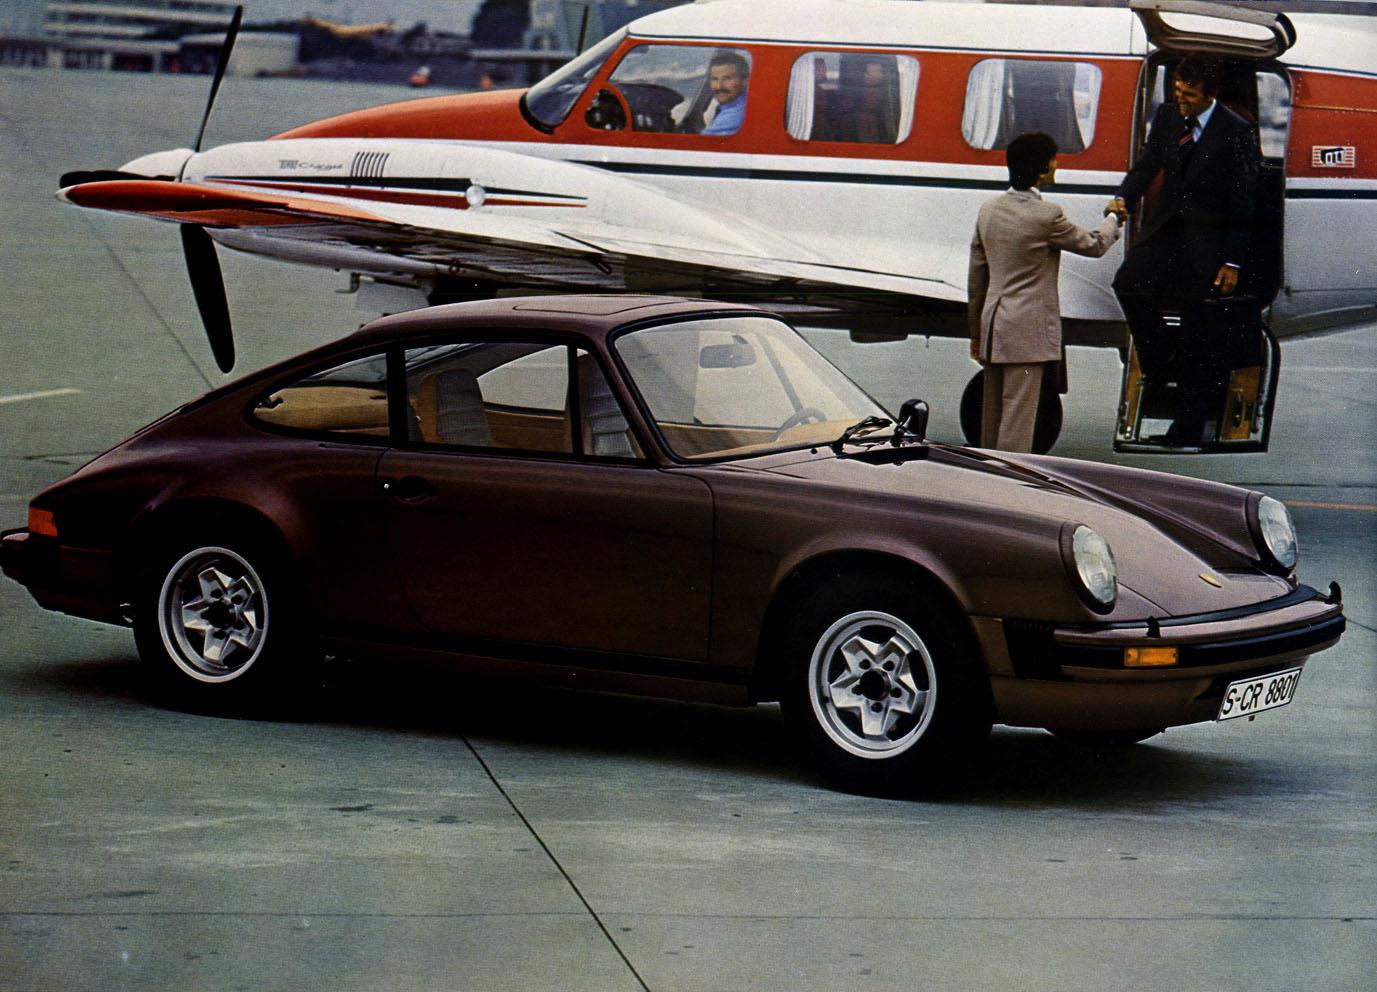 TunnelRam_Porsche 911 (53).jpg